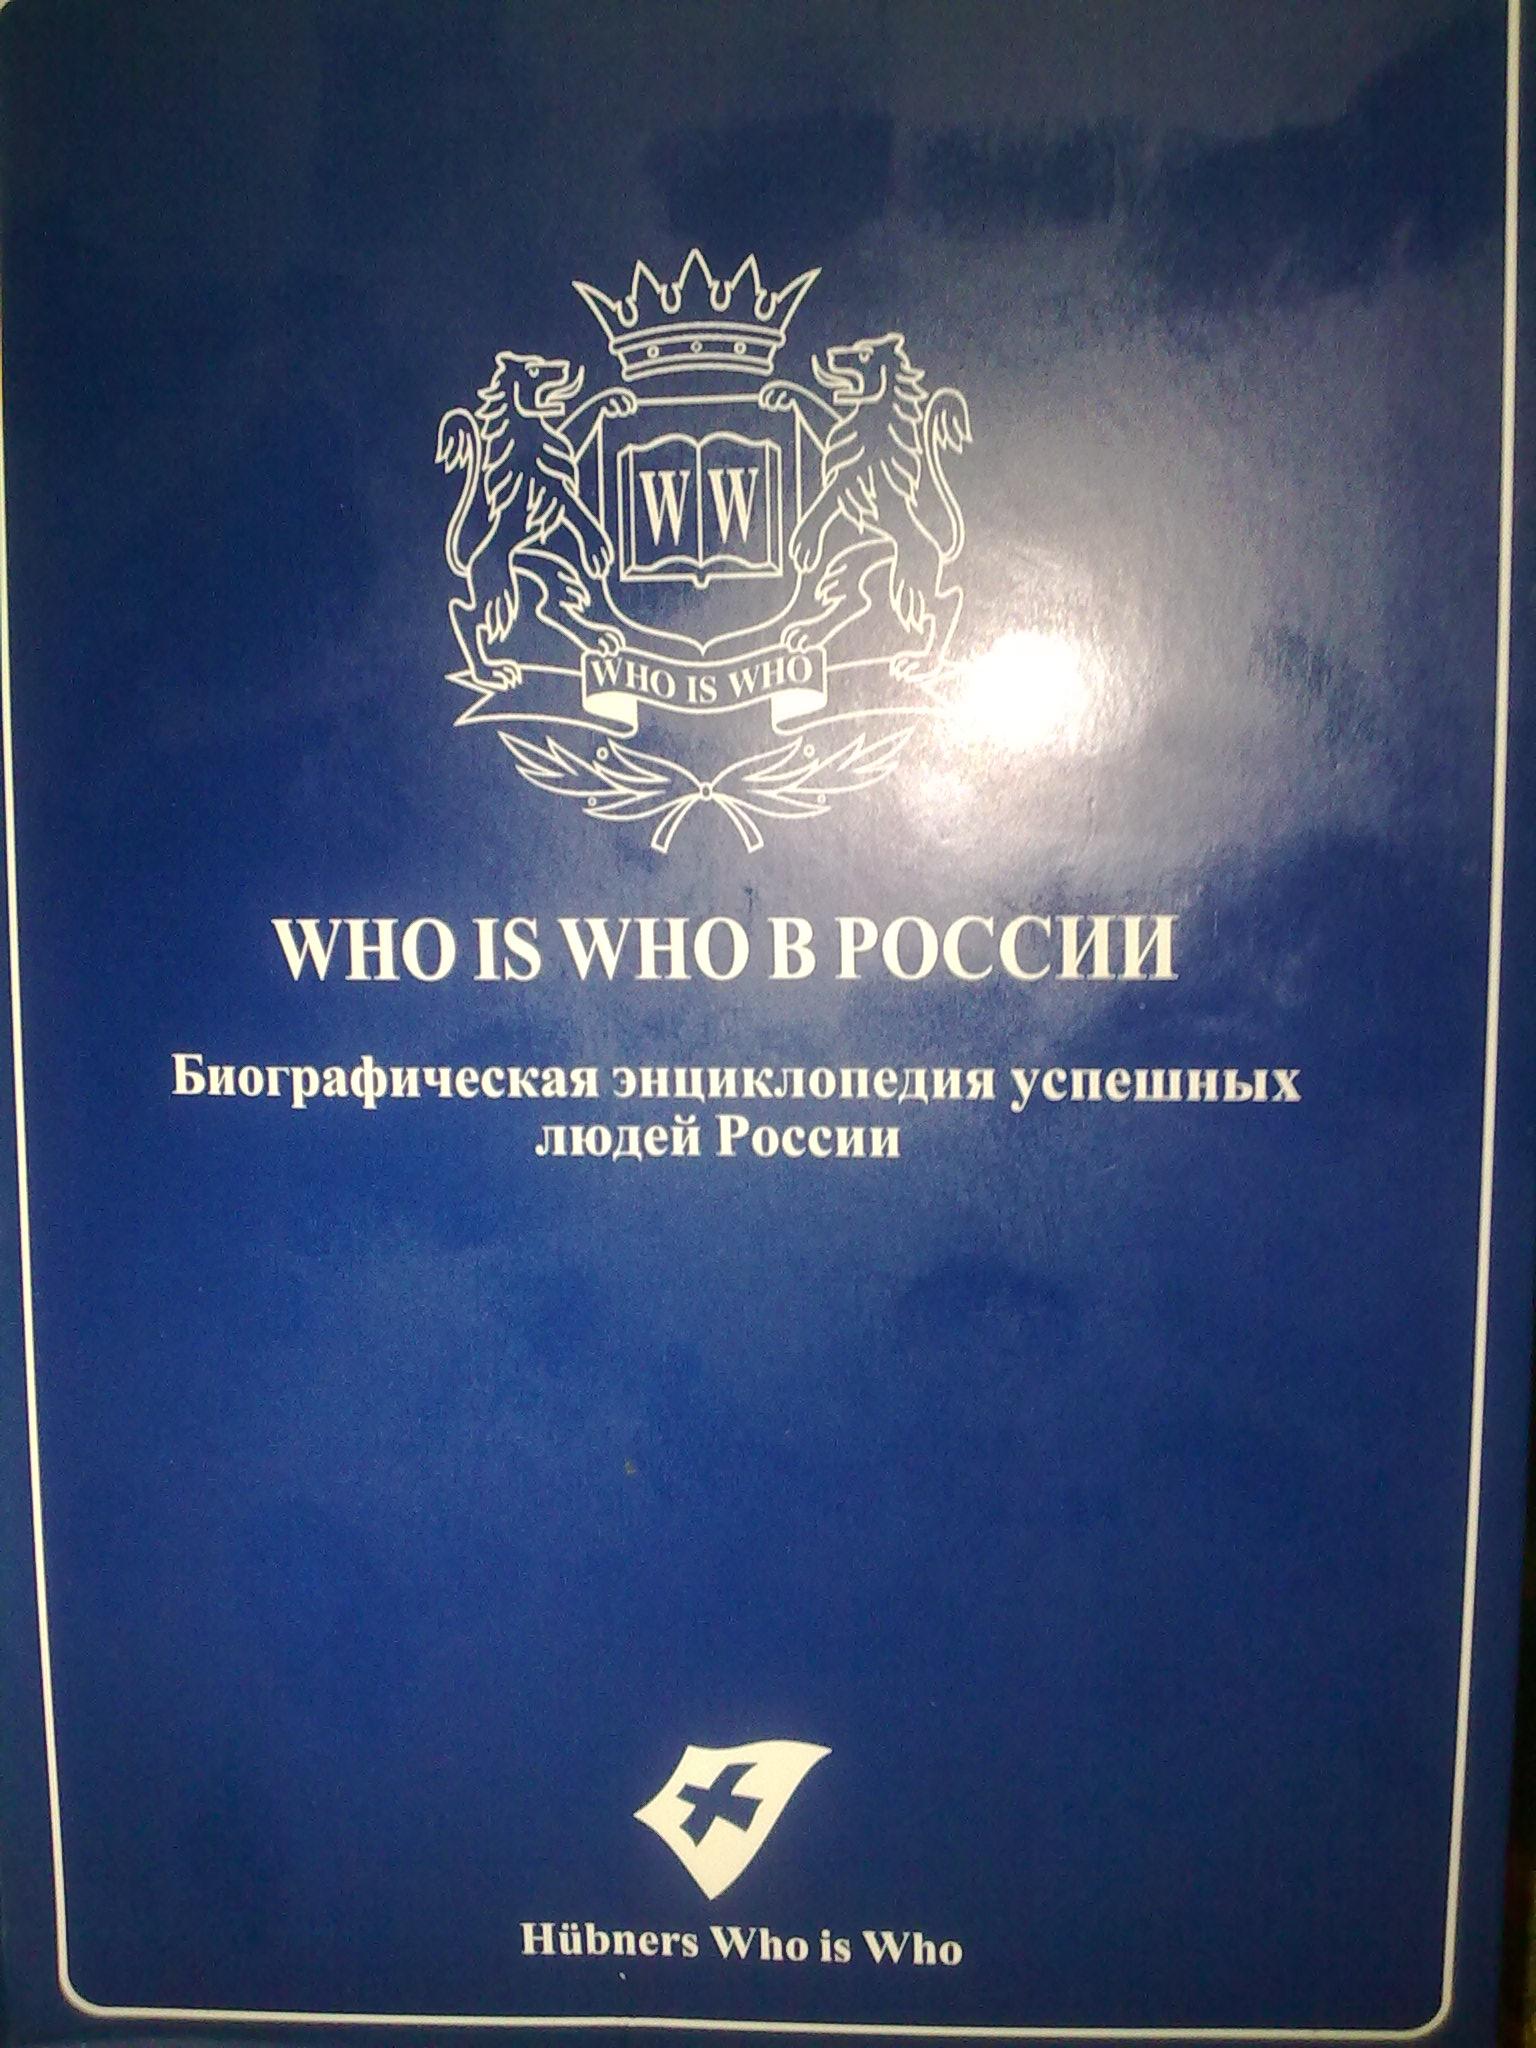 швейцарское издание «Кто есть кто» «Самые успешные люди России»